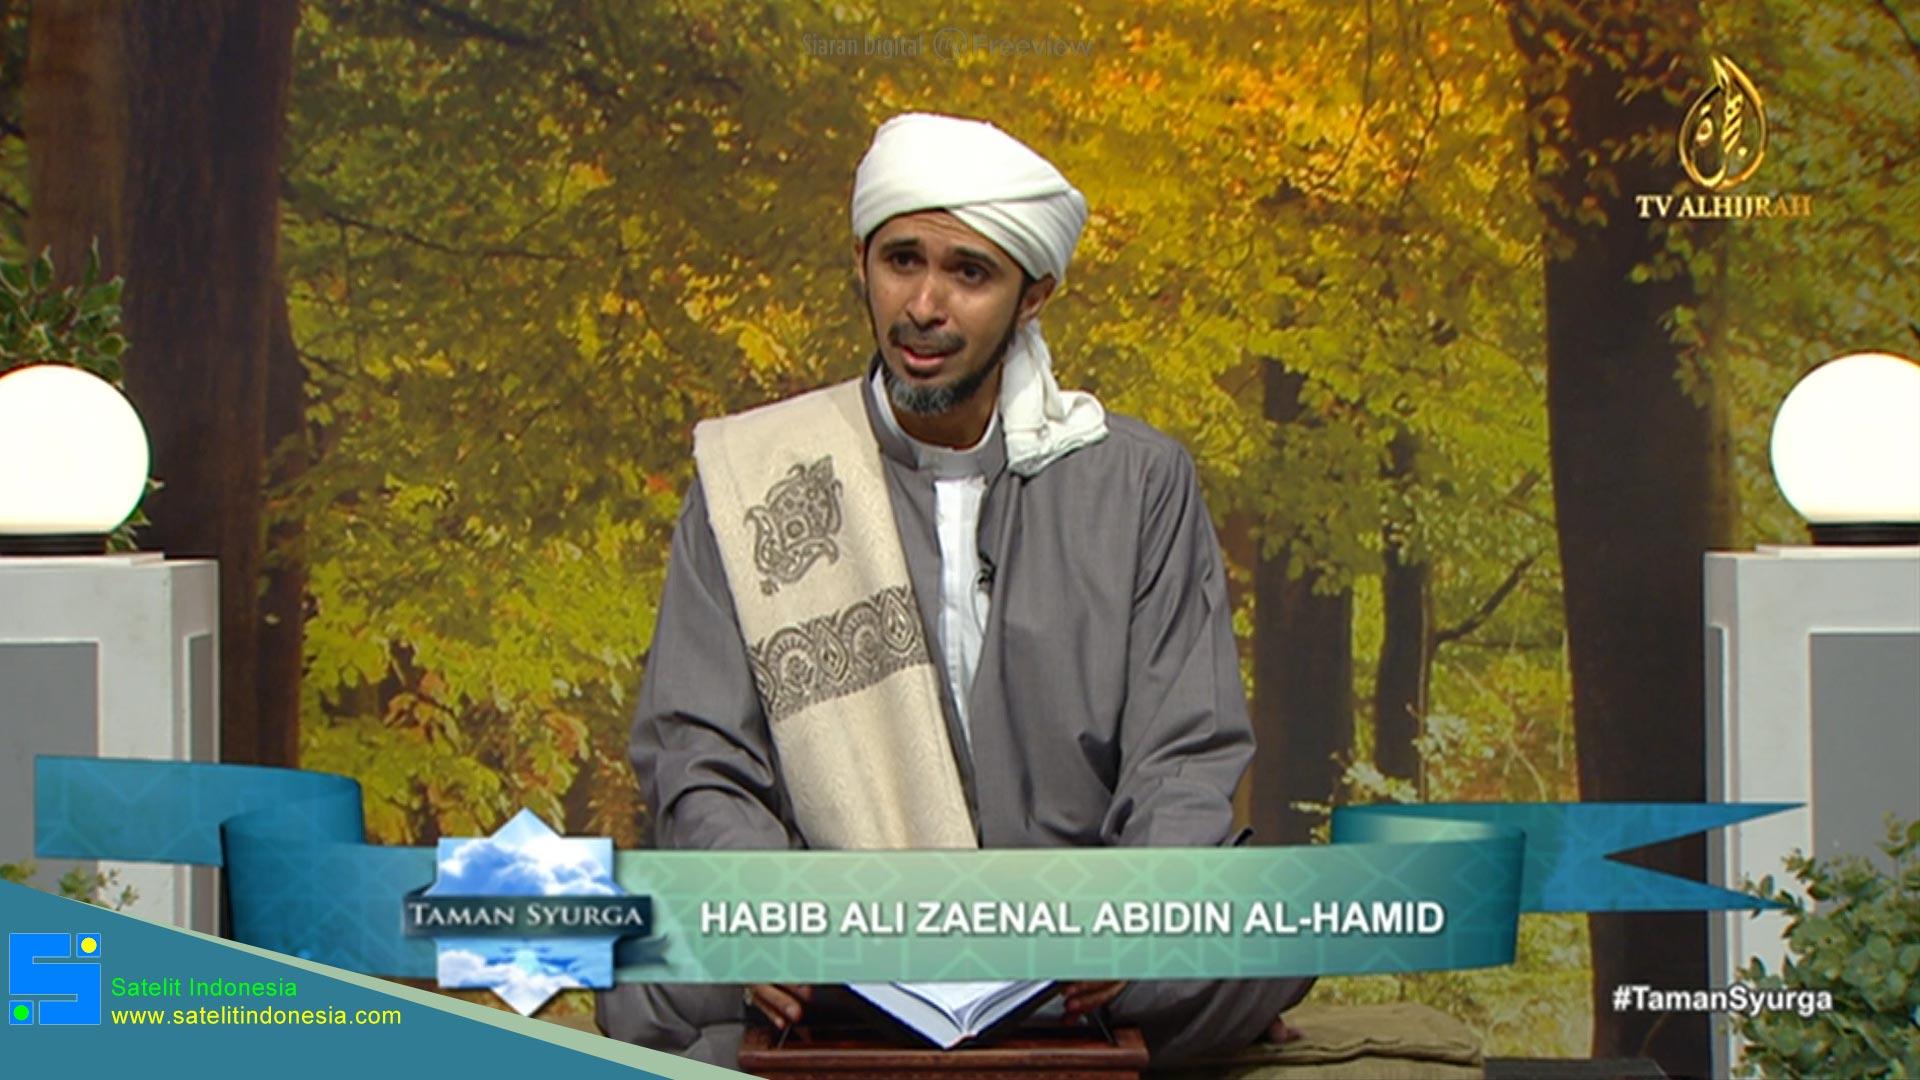 Frekuensi siaran TV Alhijrah di satelit AsiaSat 9 Terbaru